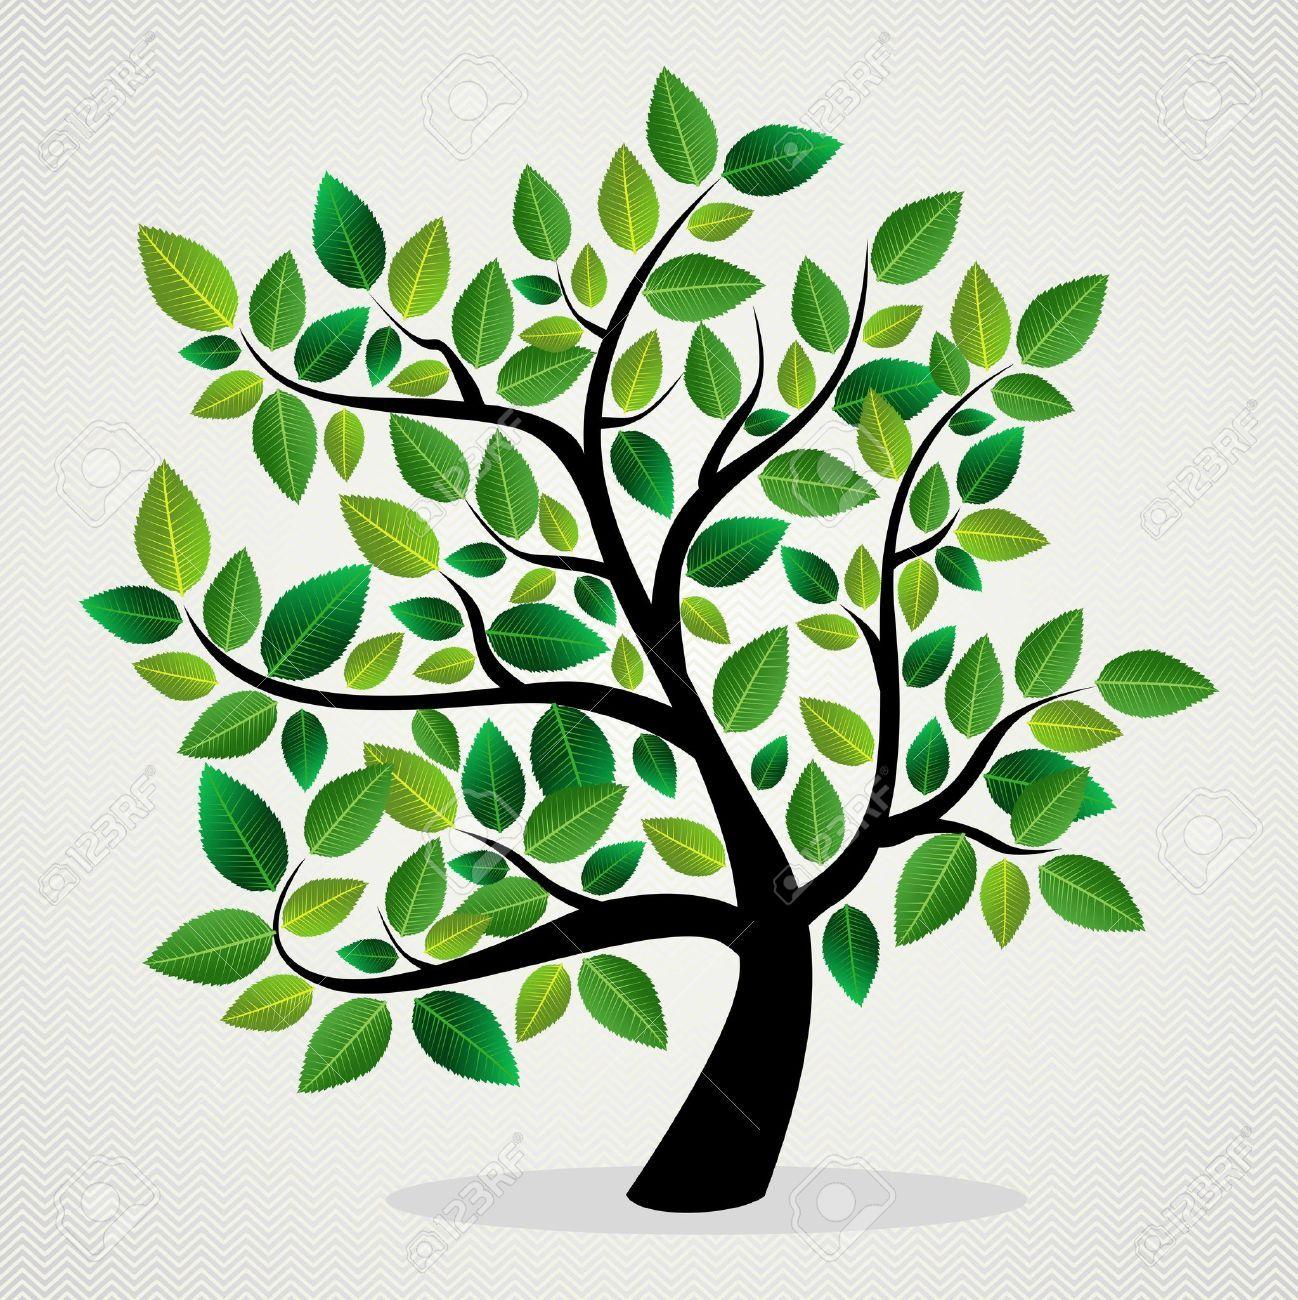 Fundo Amigavel Do Projeto Da Arvore Do Eco Verde Da Folha Arquivo Em Camadas Para Facil Manipulacao E Coloracao Personalizada Abstracte Bomen Stamboom Kunst Groene Bomen